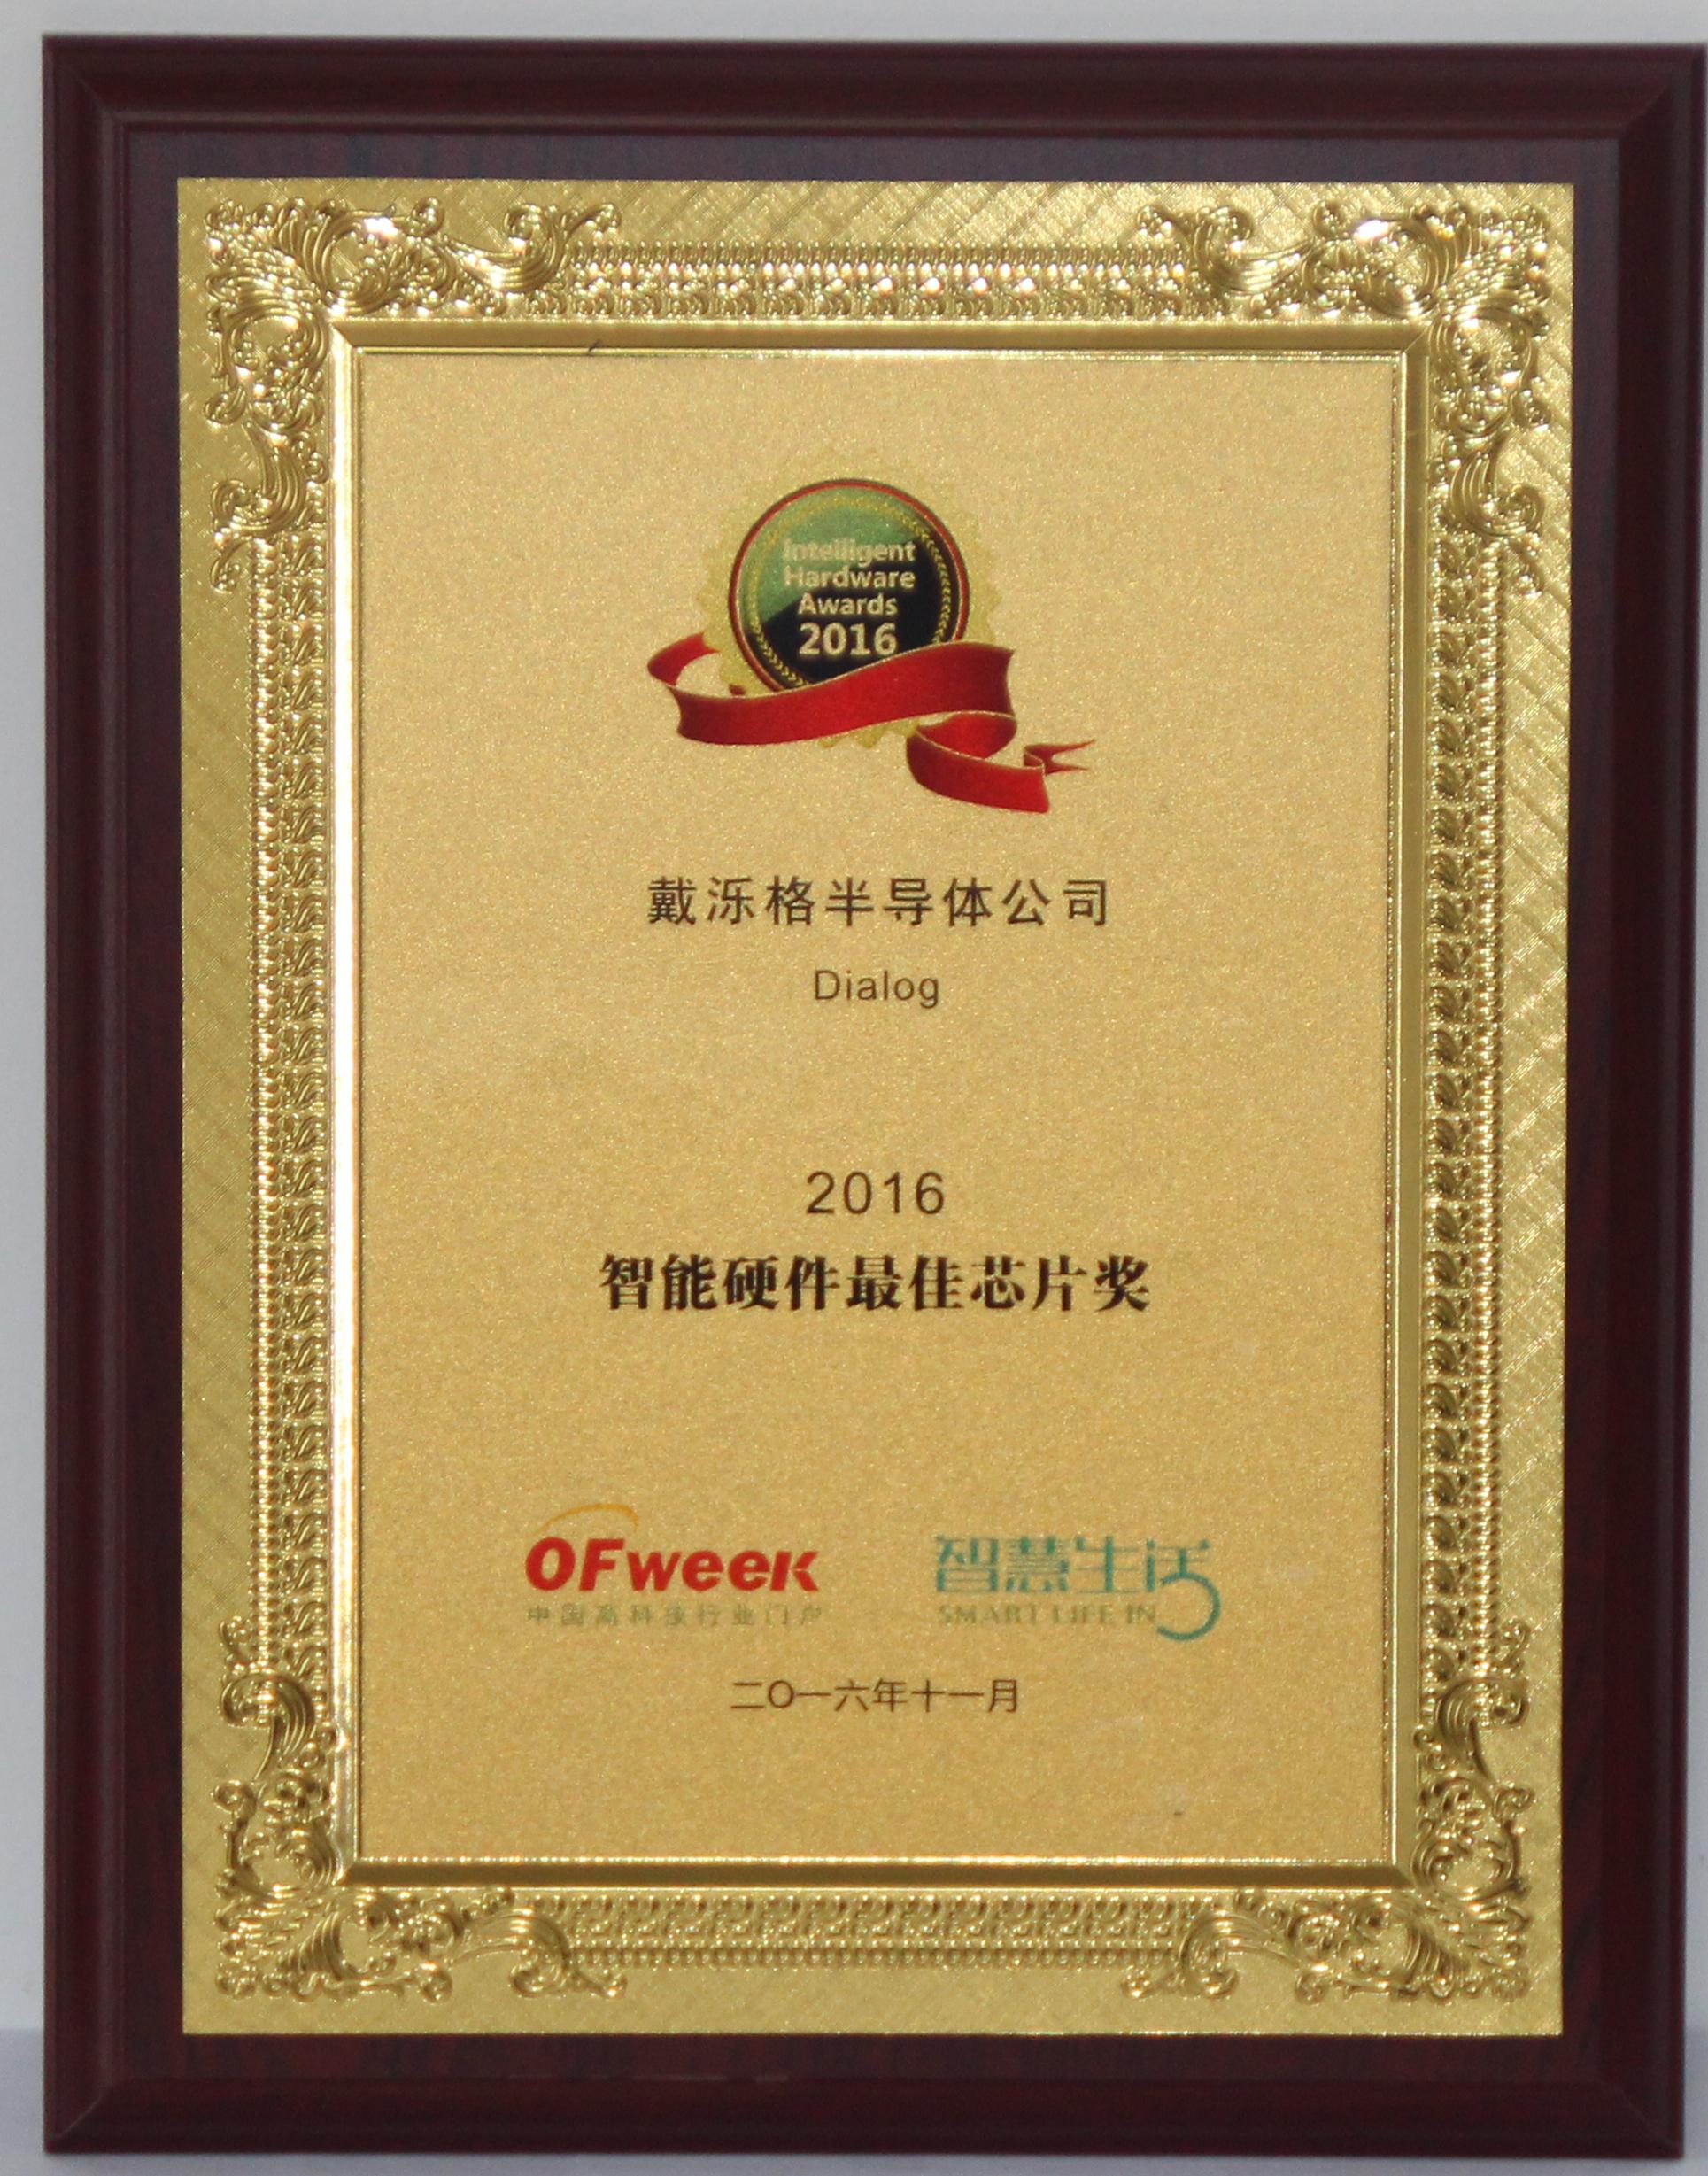 """戴泺格半导体公司获China Intelligent Hardware Awards 2016""""智能硬件最佳芯片奖"""""""